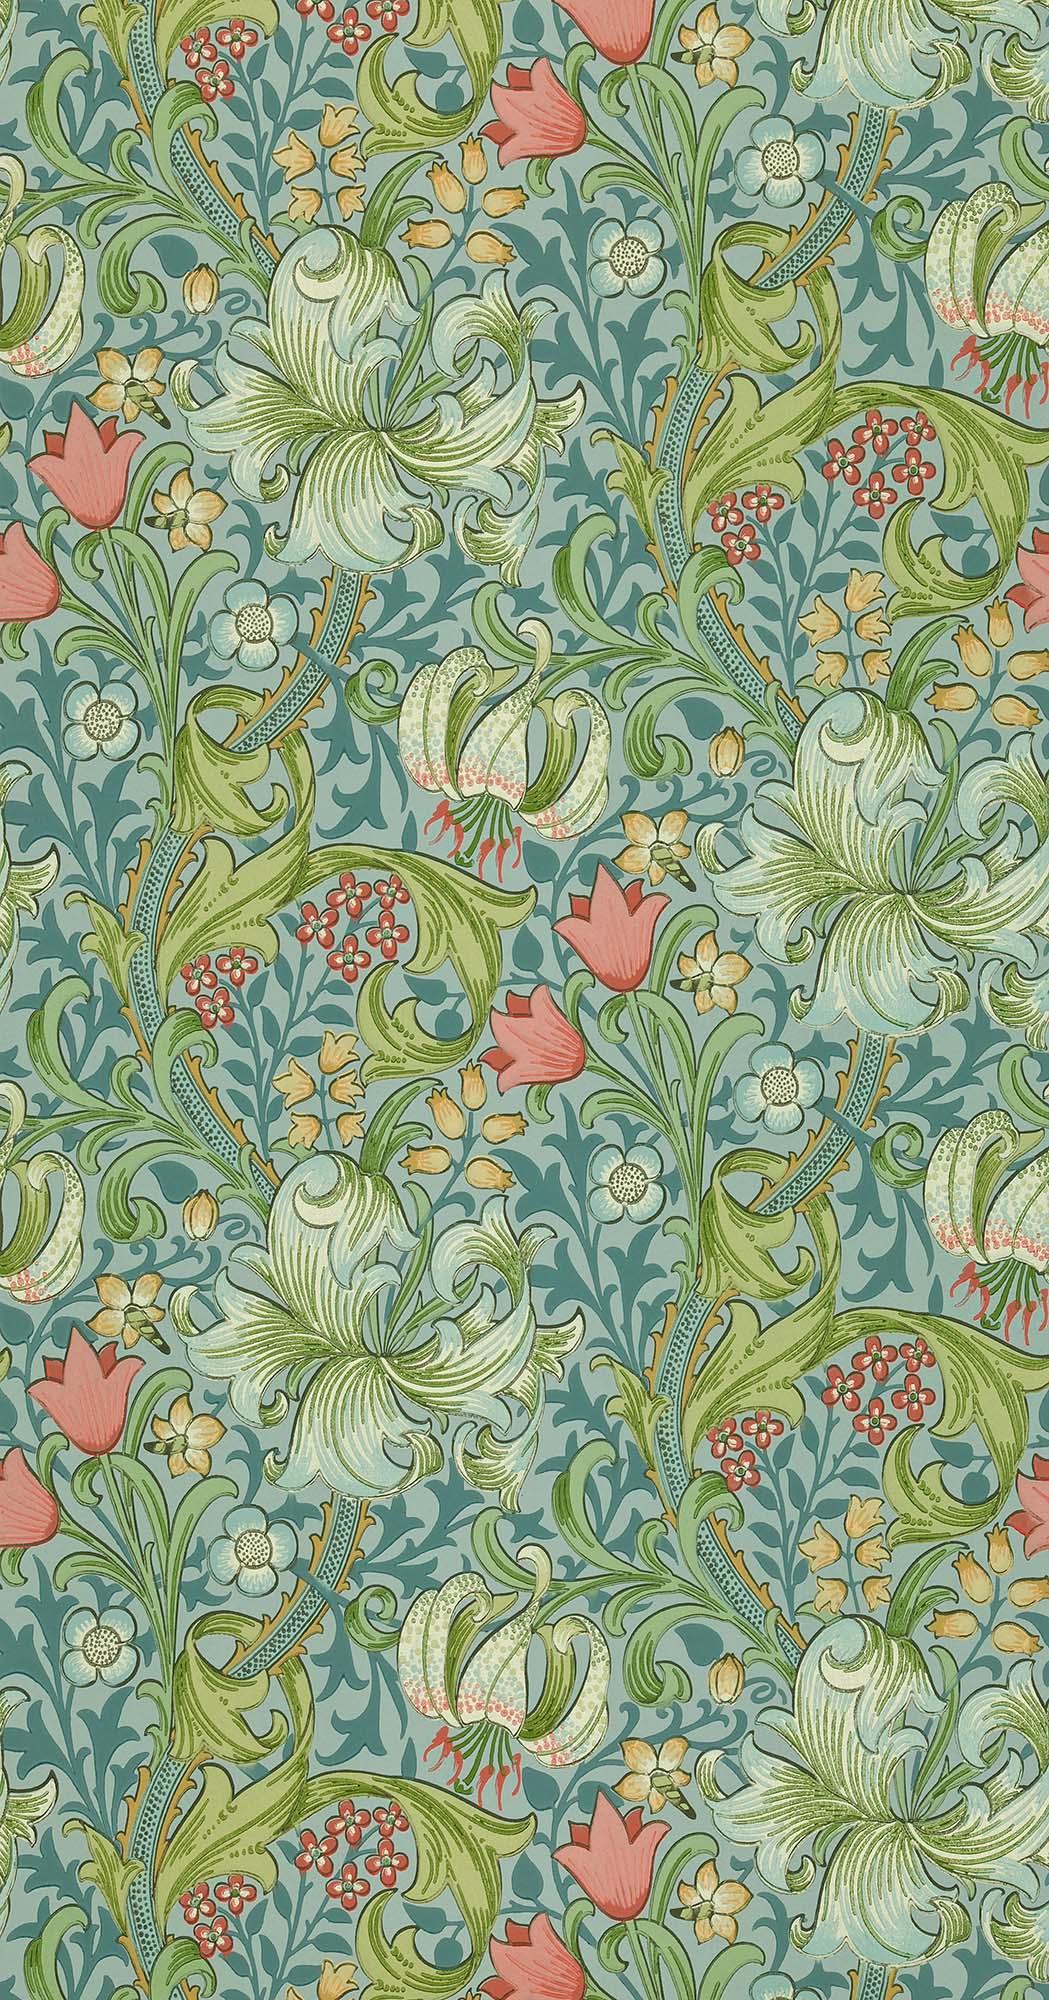 ウィリアムモリス壁紙 Golden Lily WM-8556-3